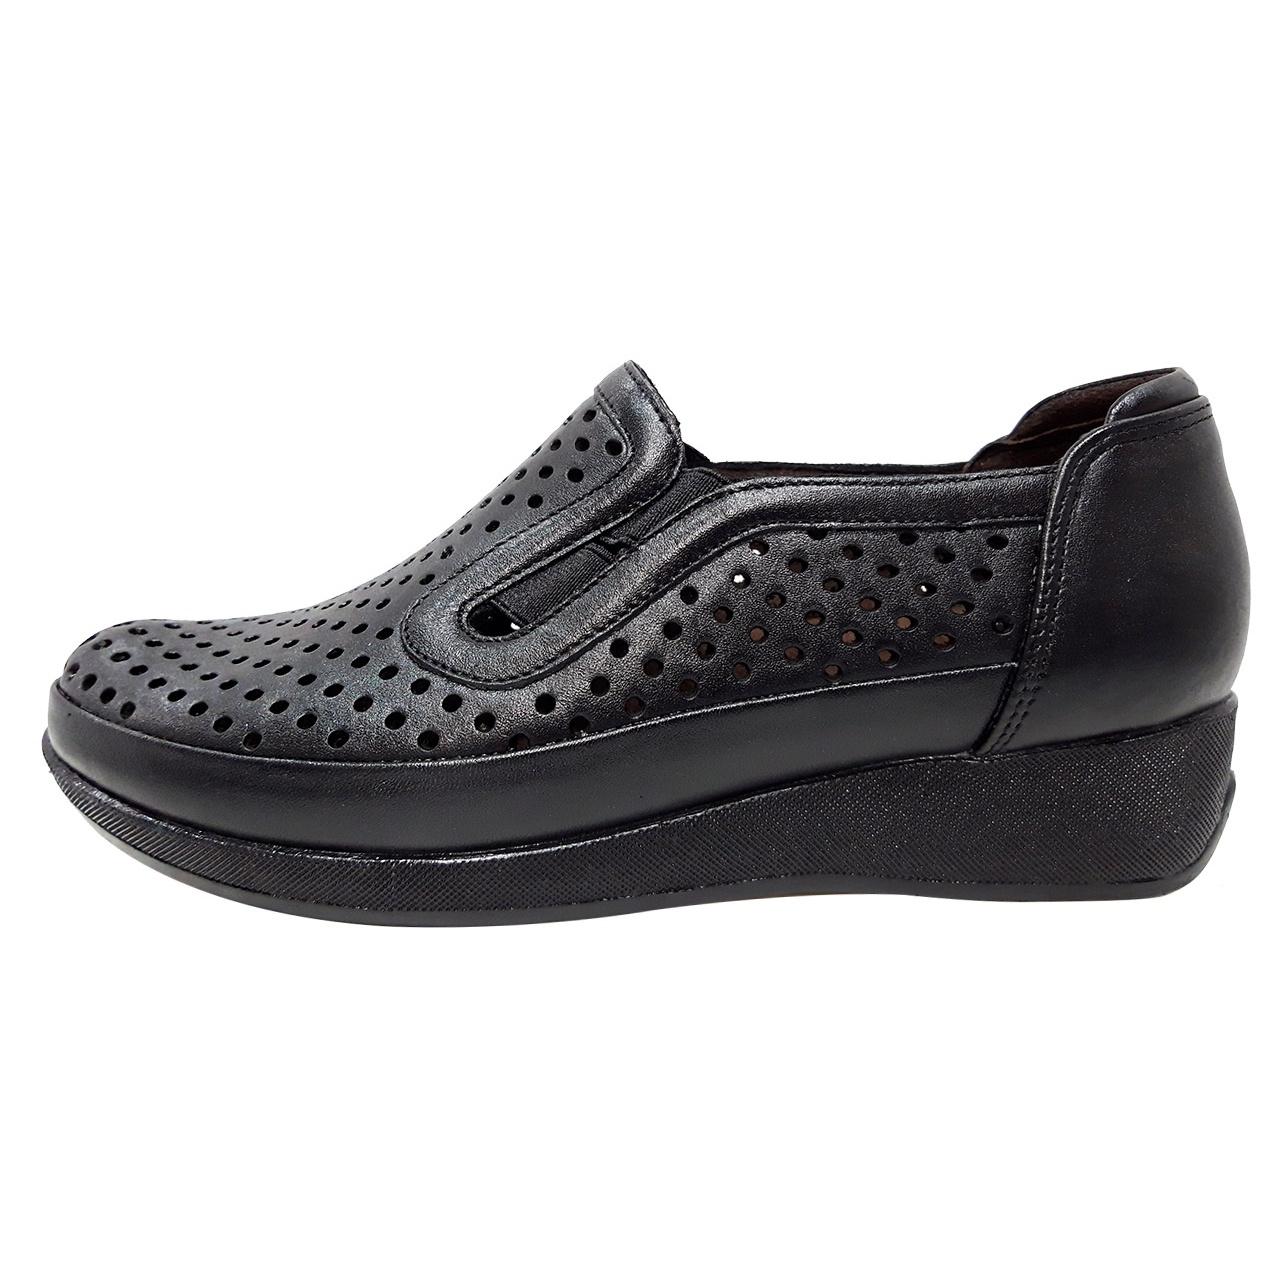 خرید                      کفش زنانه روشن مدل 2022 کد 01